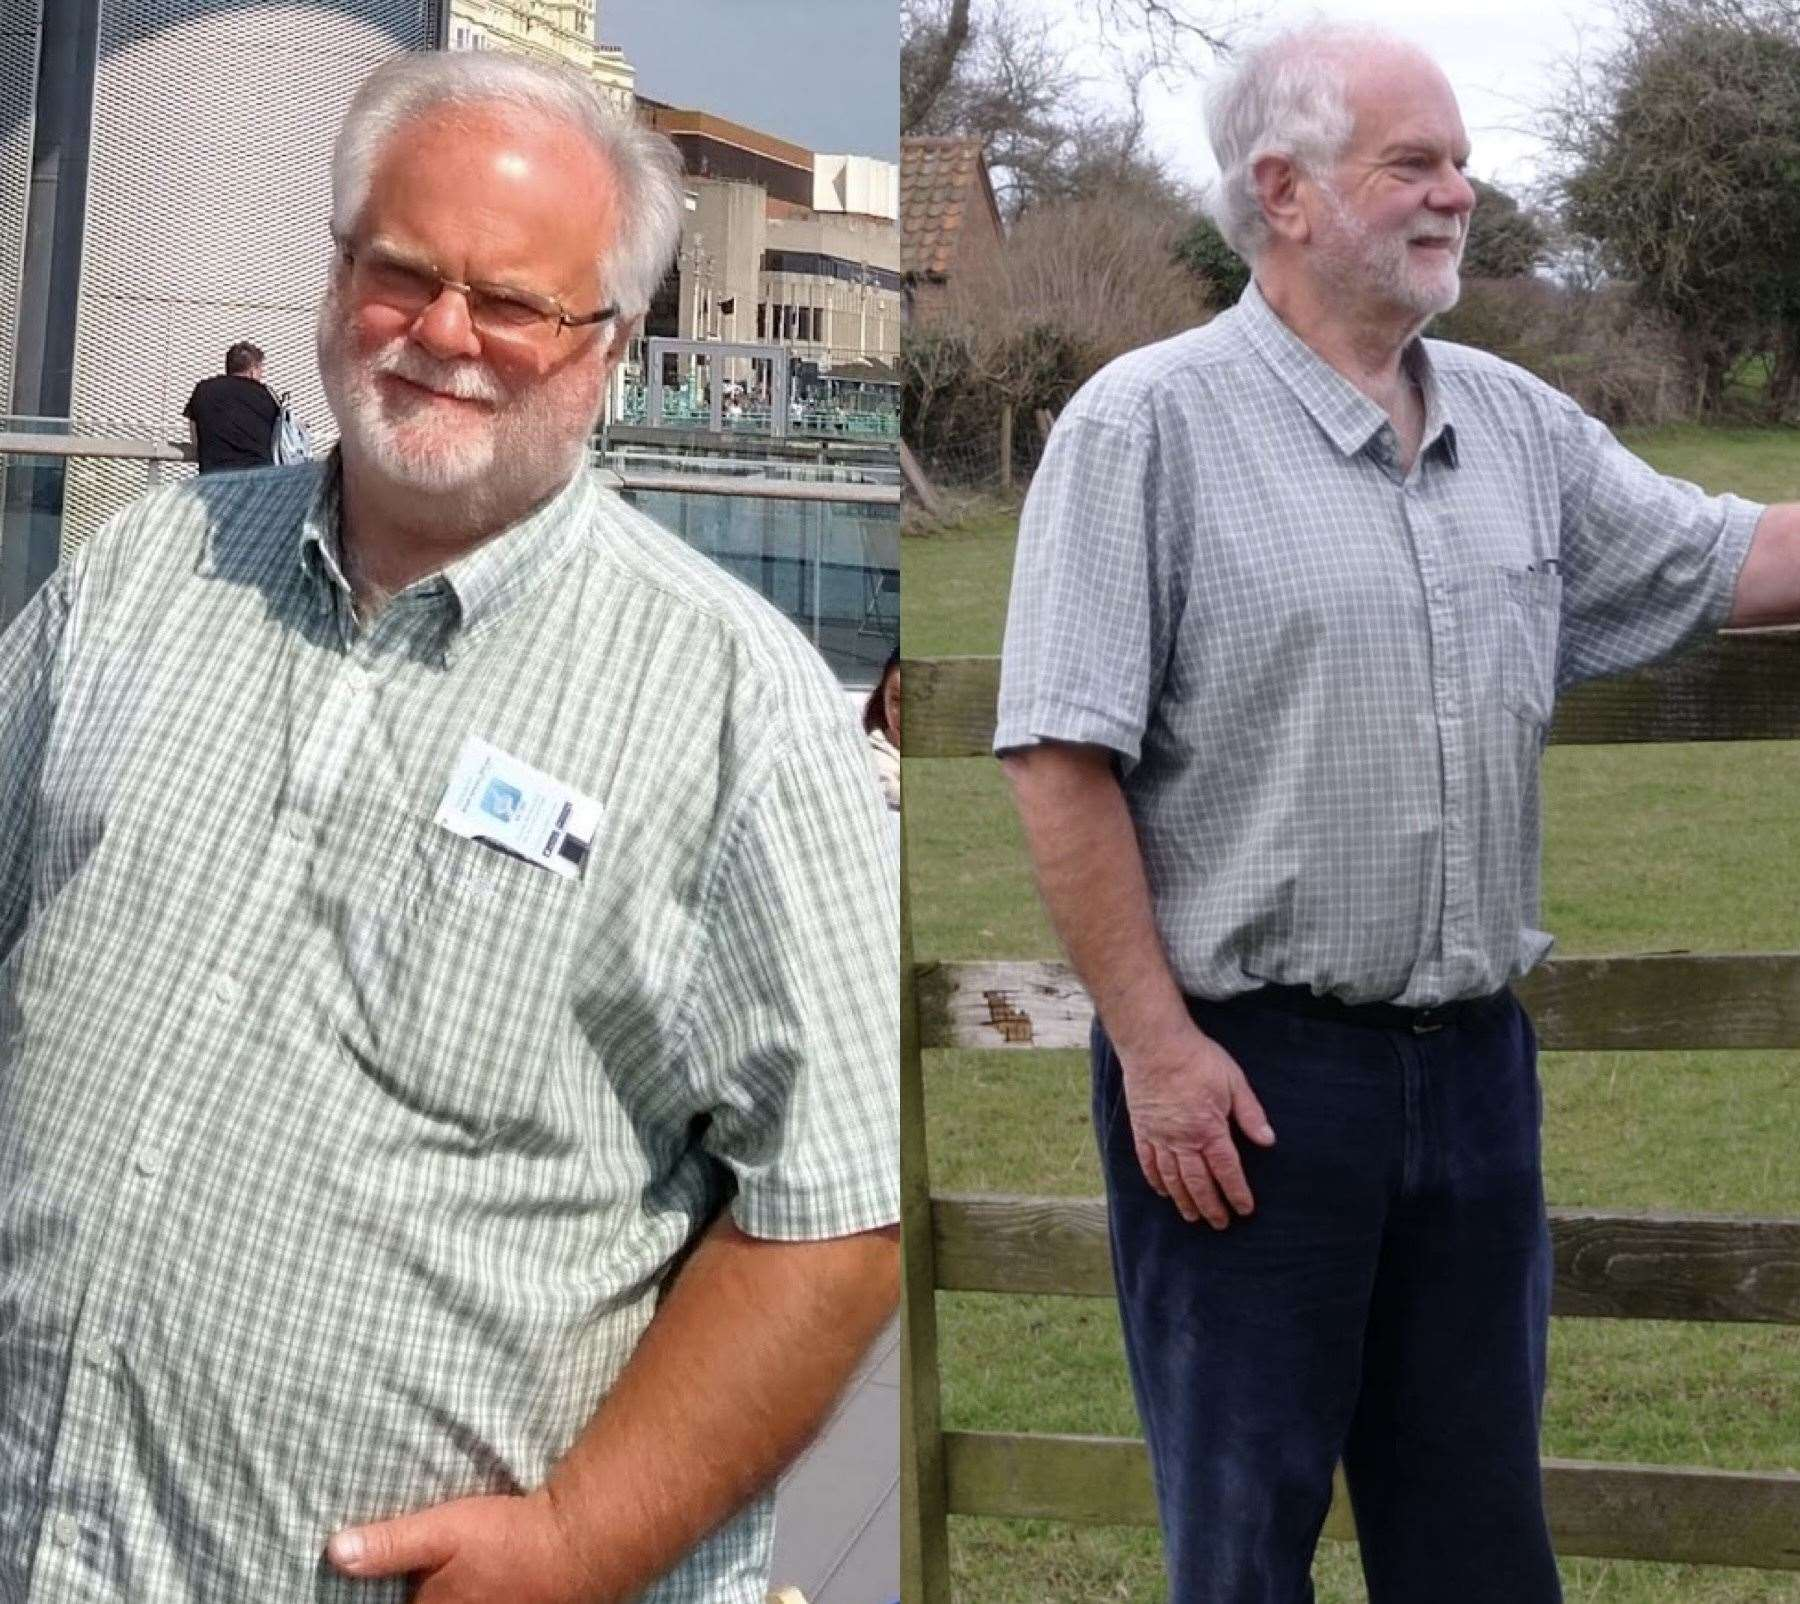 Ray Banks, le plus grand perdant à Oakham Slimming World 2021